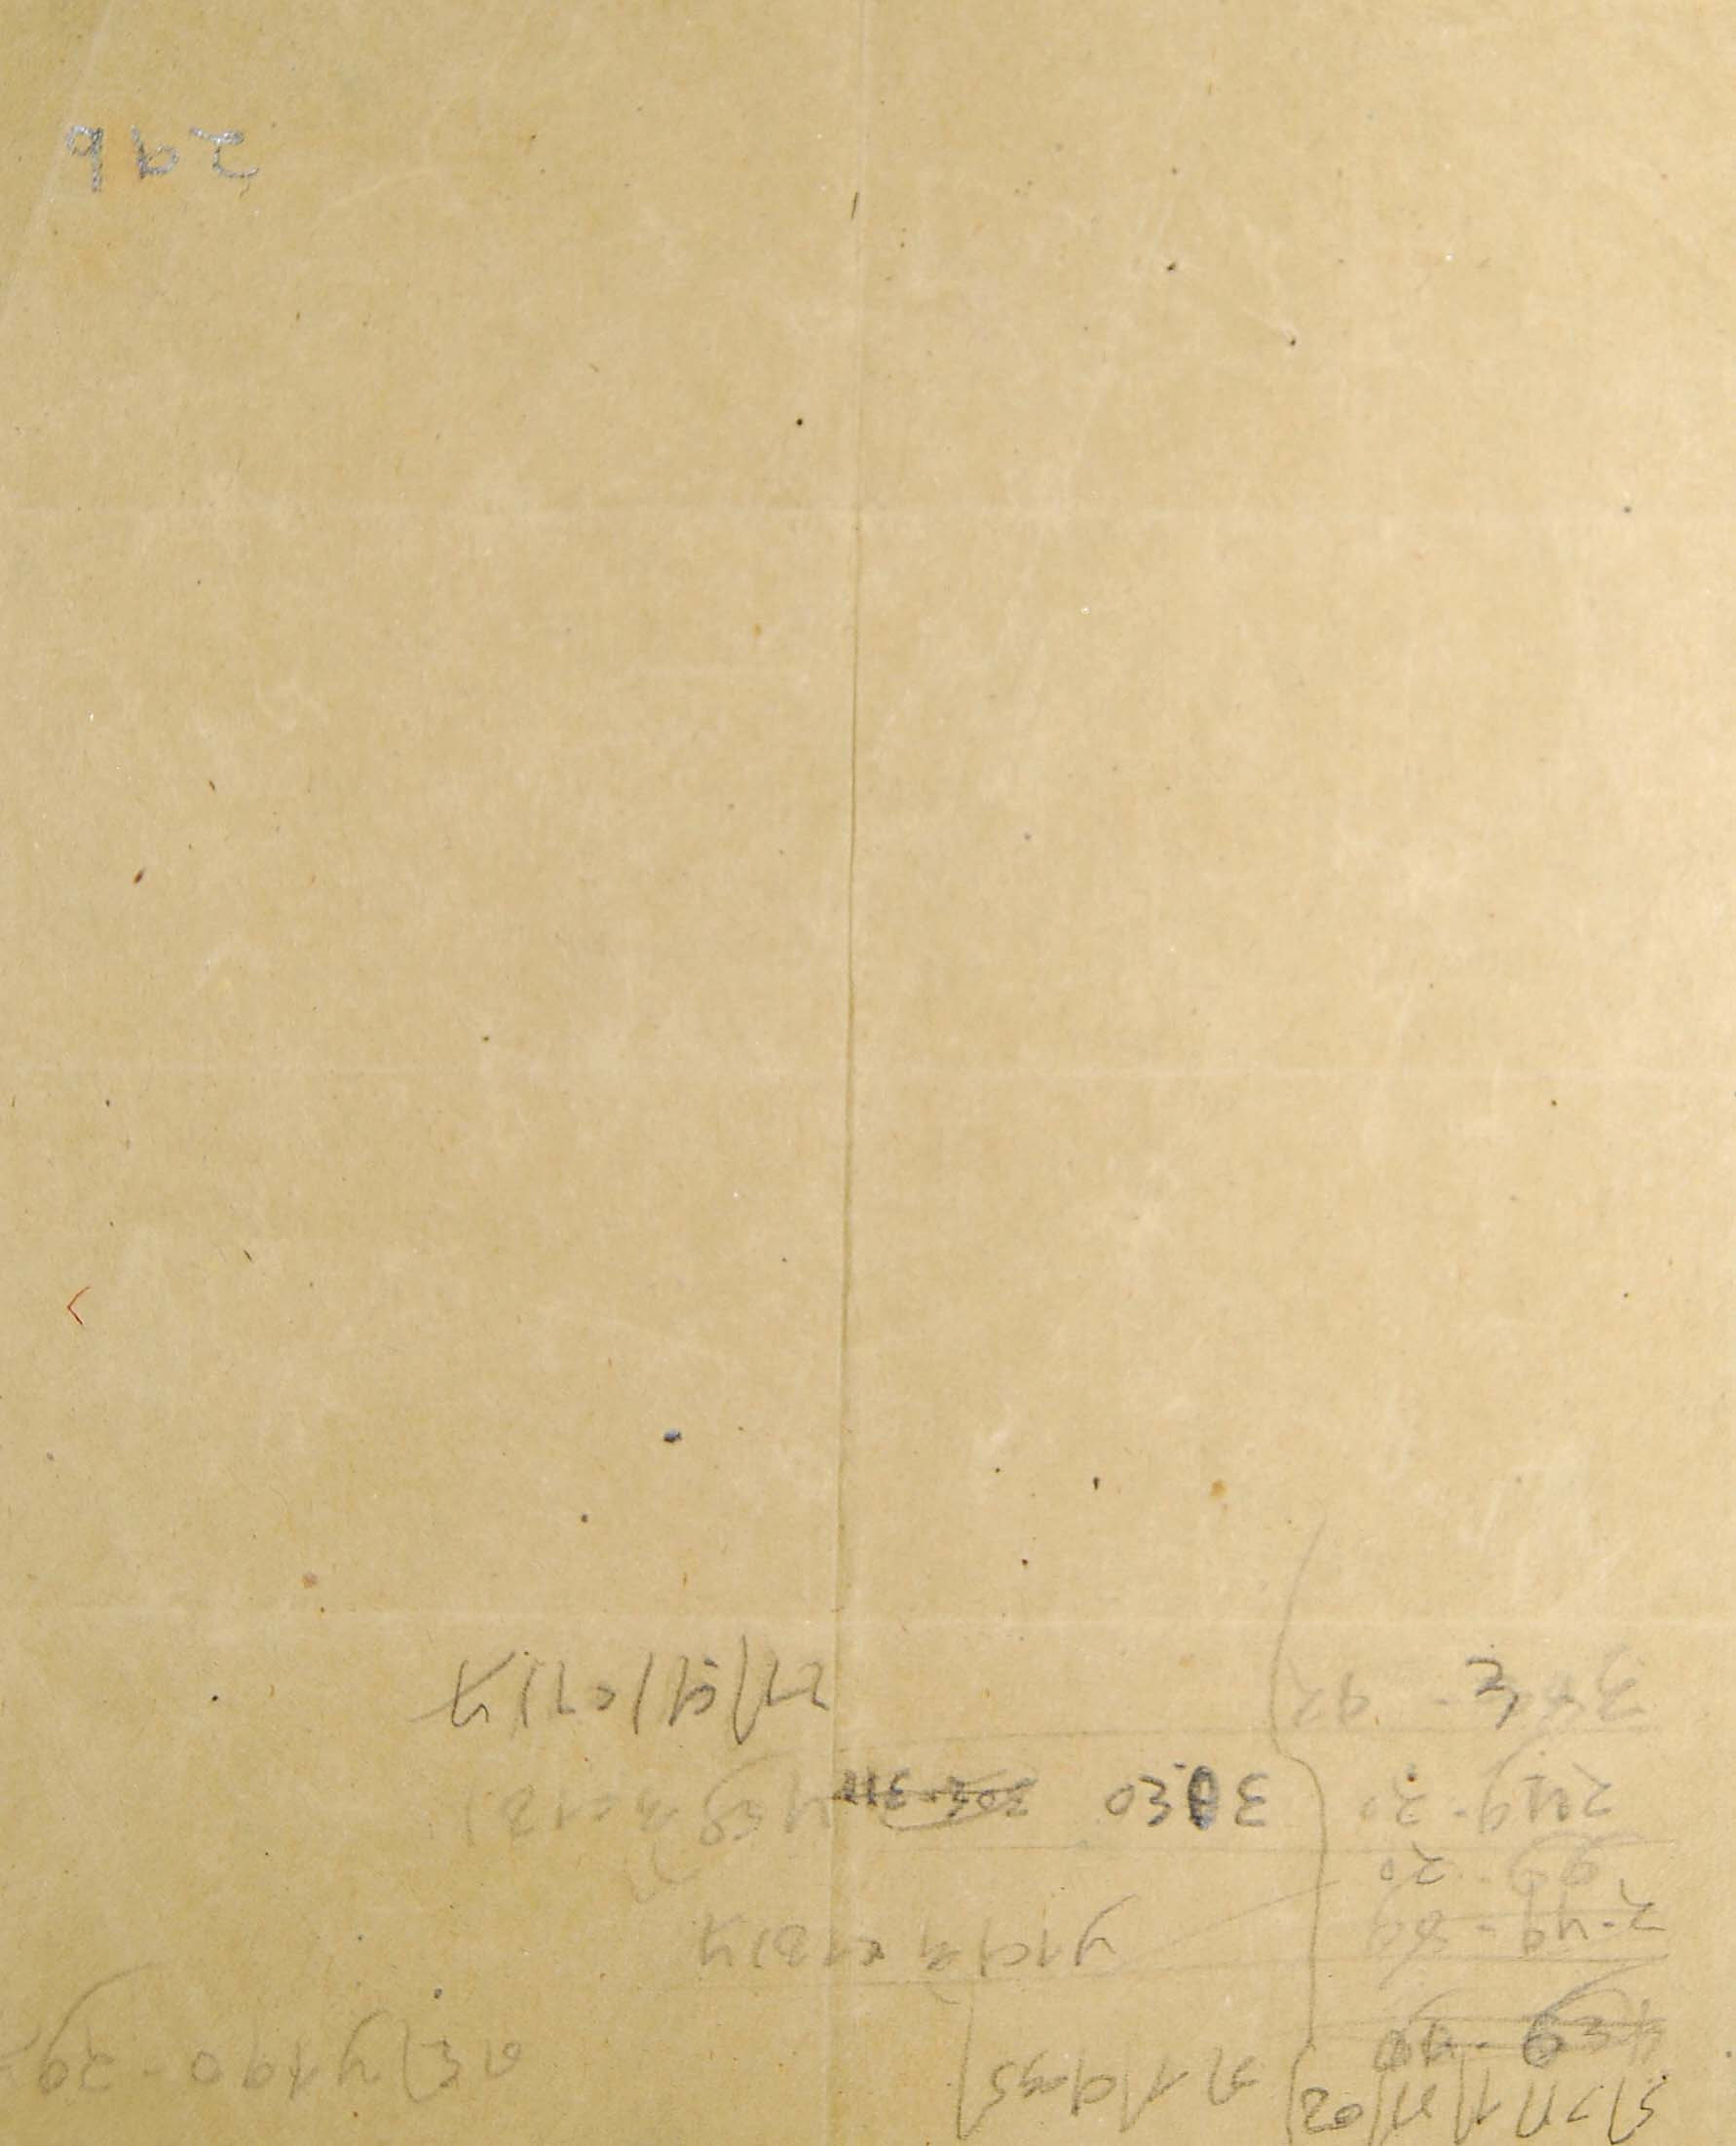 29b.jpg